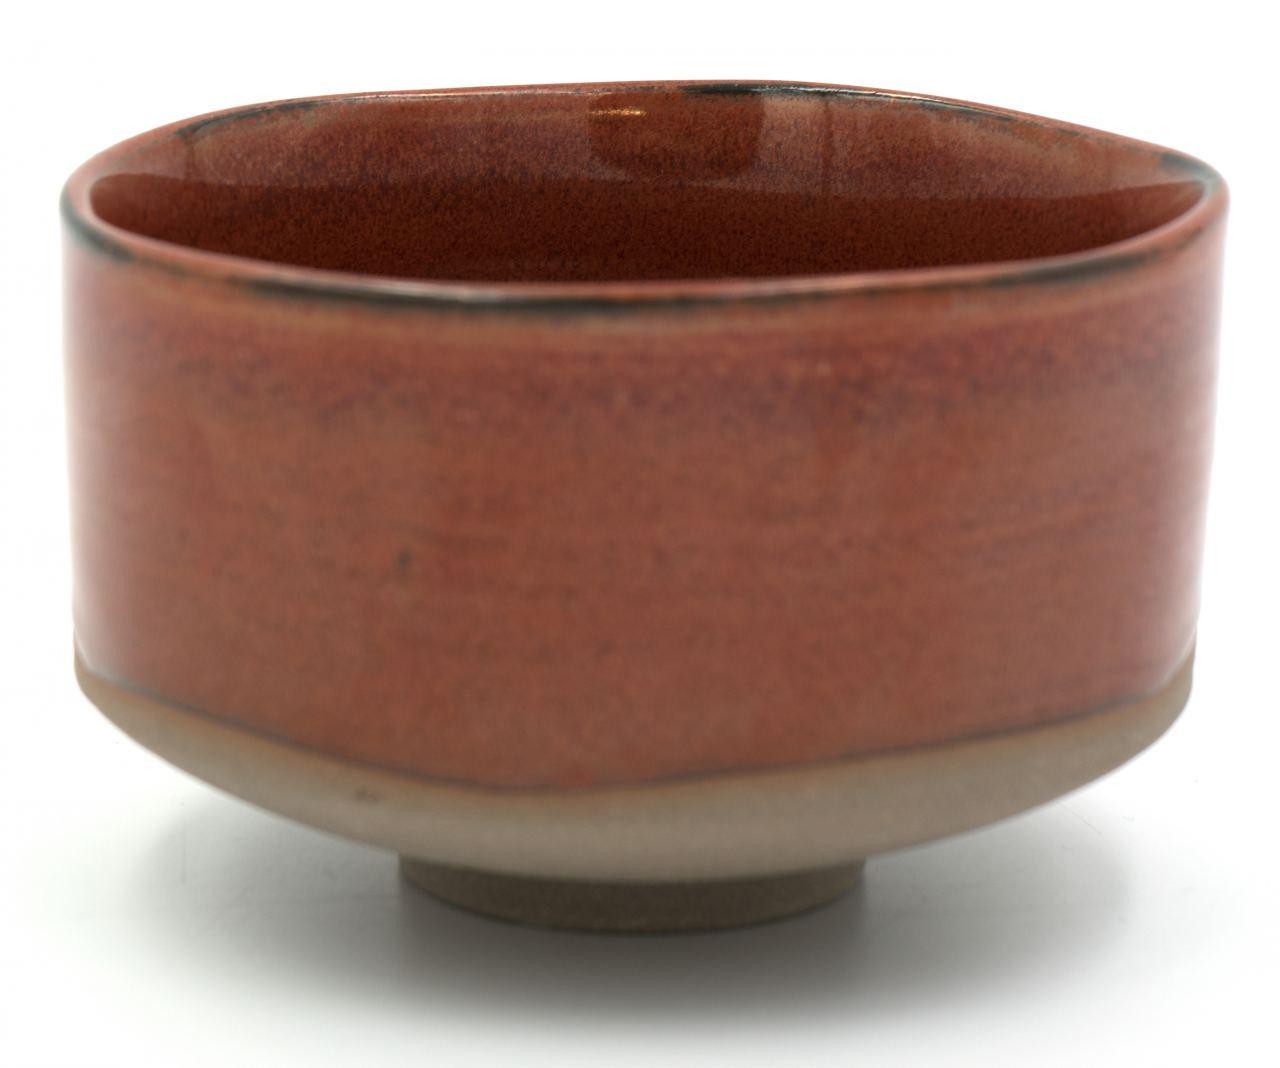 Bowl Merci No 1 Medium Rot